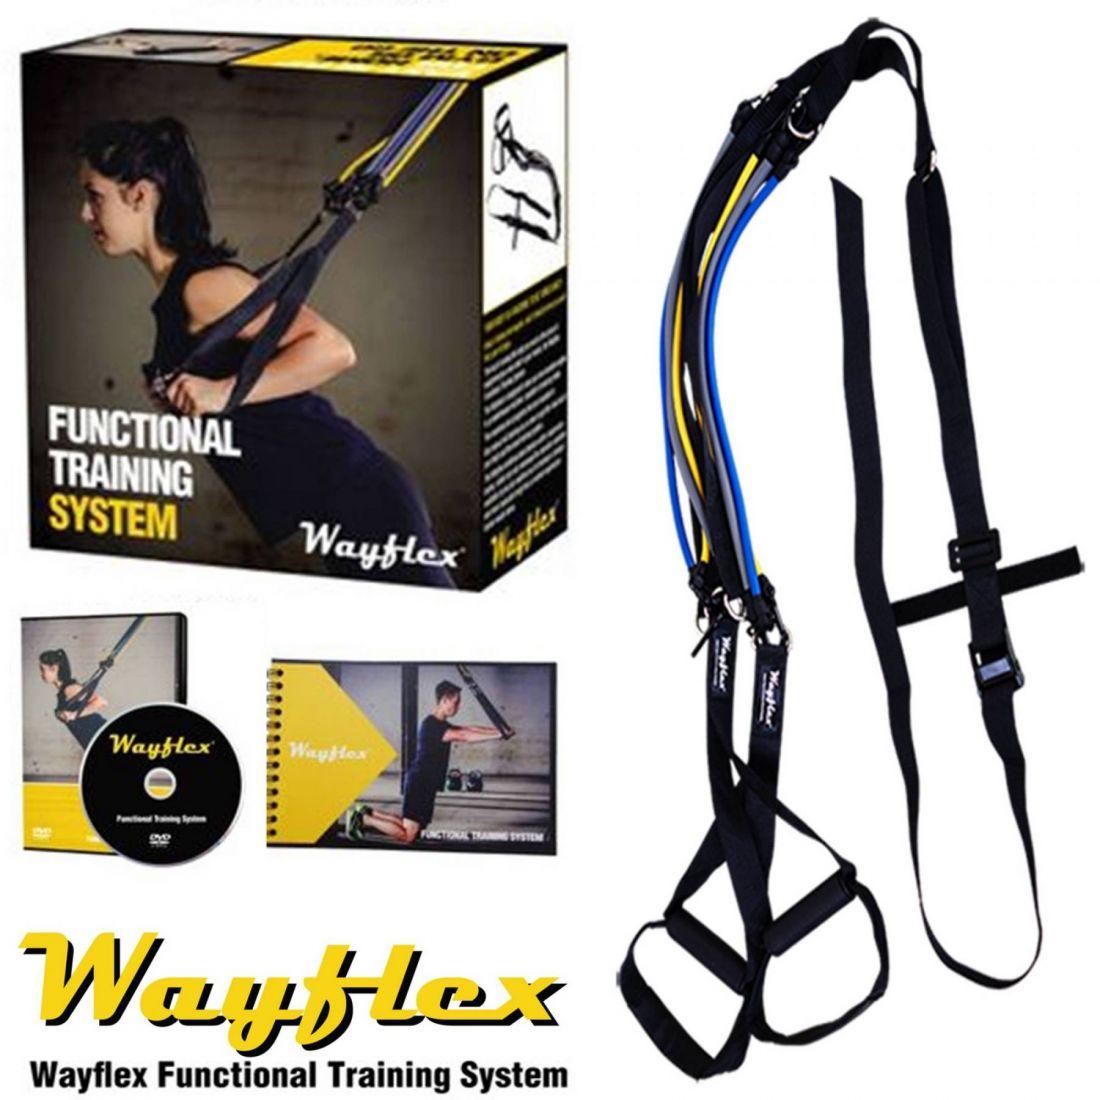 Ременной тренажер Wayflex FTS (Functional Training System)